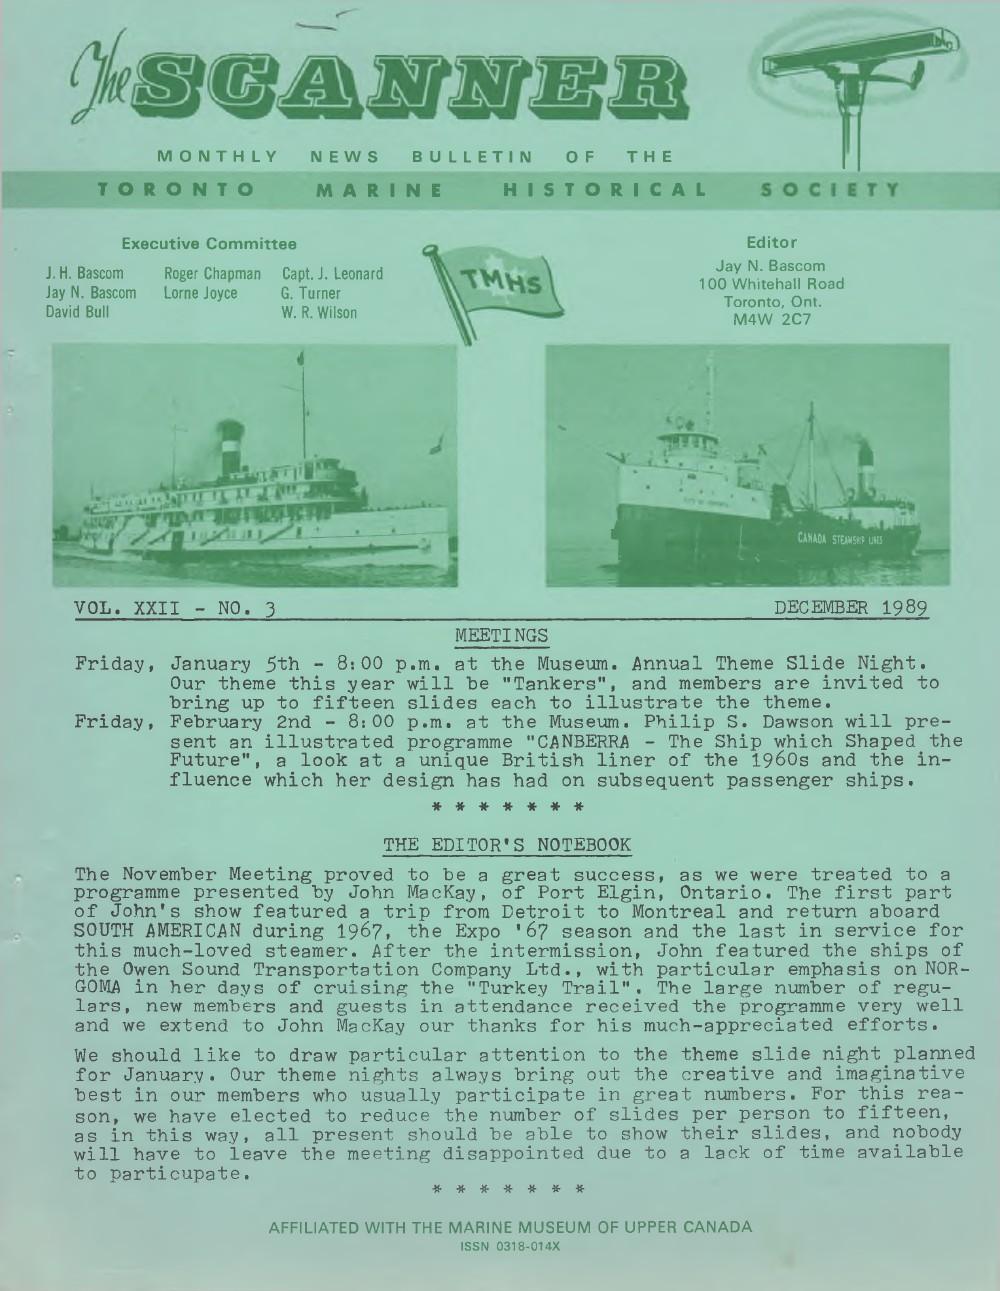 Scanner, v. 22, no. 3 (December 1989)